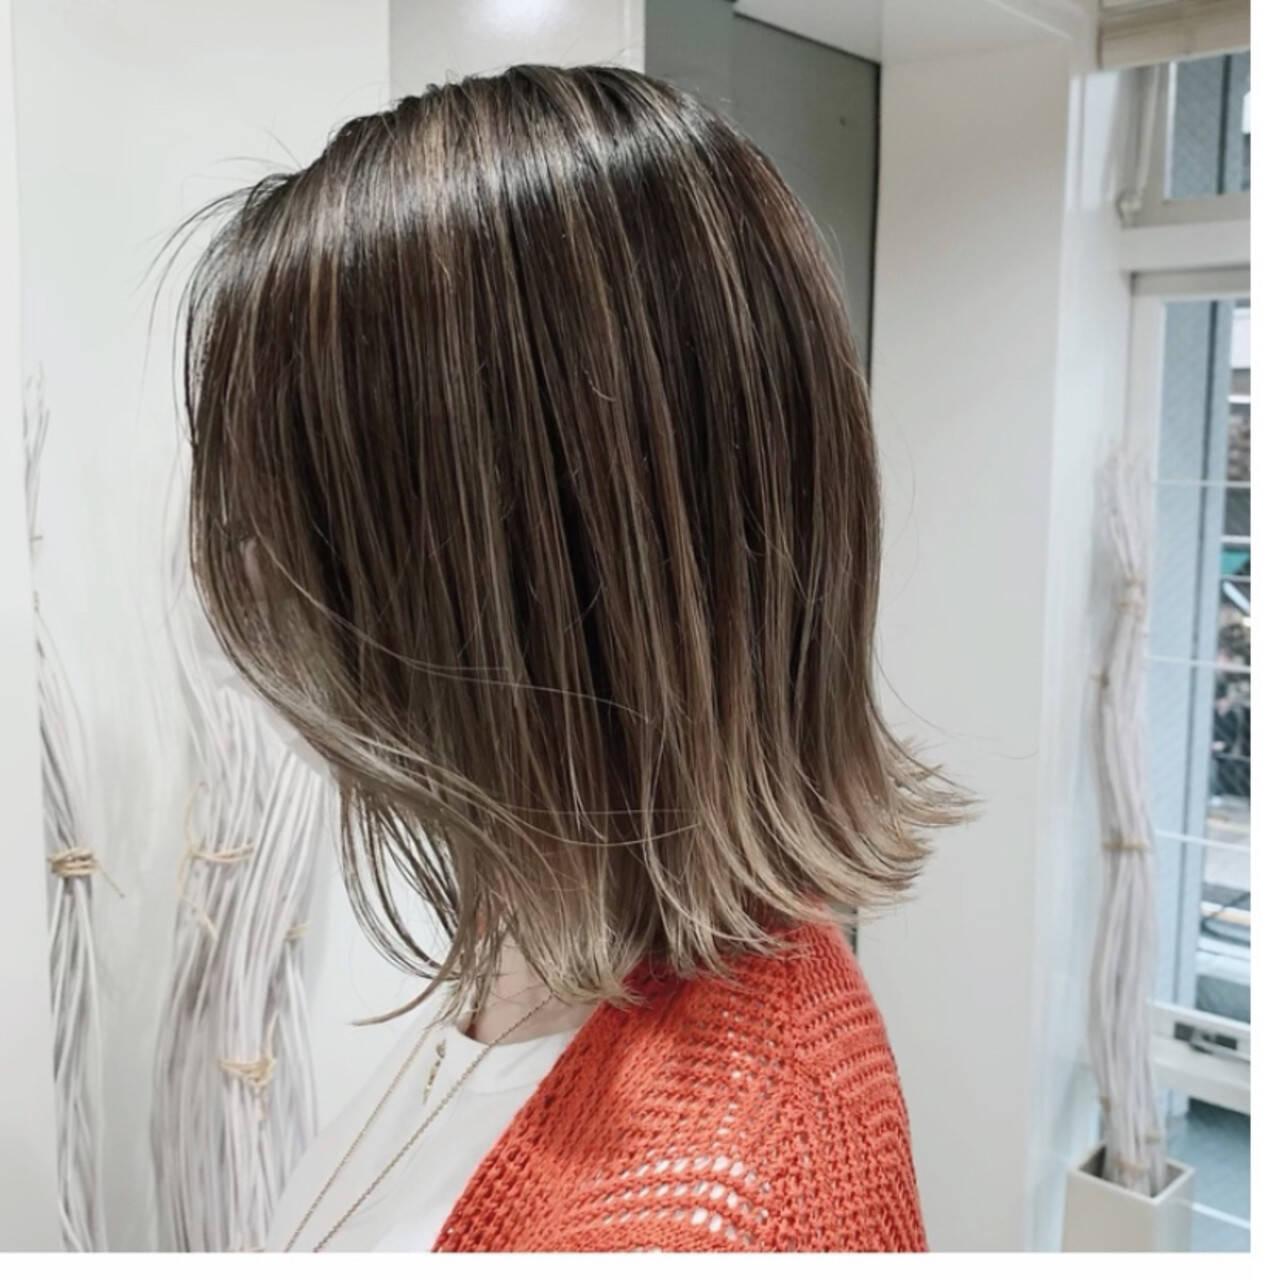 ボブ グラデーションカラー ショートボブ 極細ハイライトヘアスタイルや髪型の写真・画像